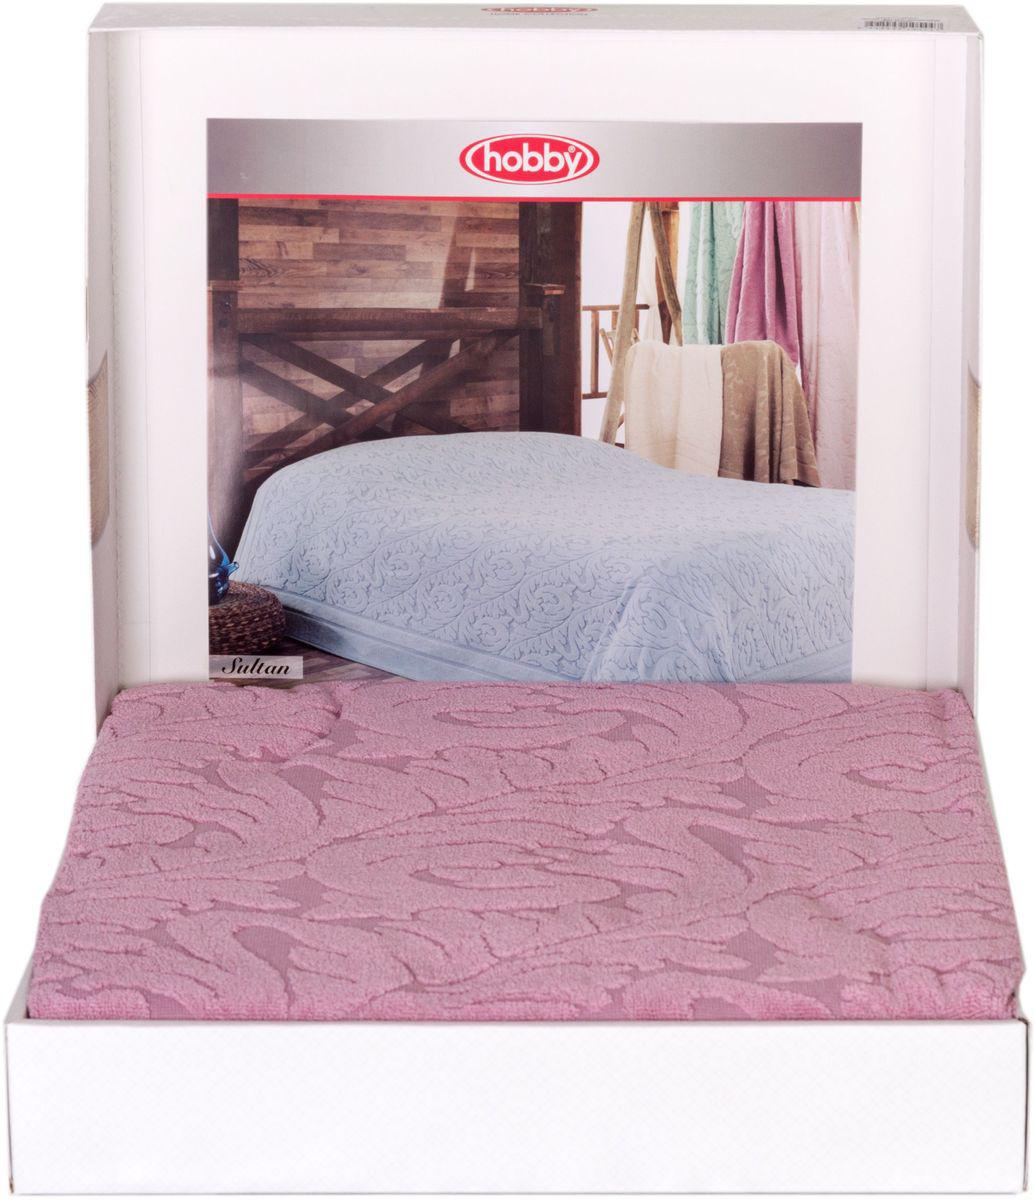 Покрывало Hobby Home Collection Sultan, цвет: розовый, 200 х 220 смCLP446Шикарное покрывало Hobby Home Collection Sultan изготовлено из 100% хлопка высшей категории. Оно обладает замечательными дышащими свойствами и будет хорошо смотреться как на диване, так и на большой кровати. Данное покрывало можно также использовать в качестве одеяла.